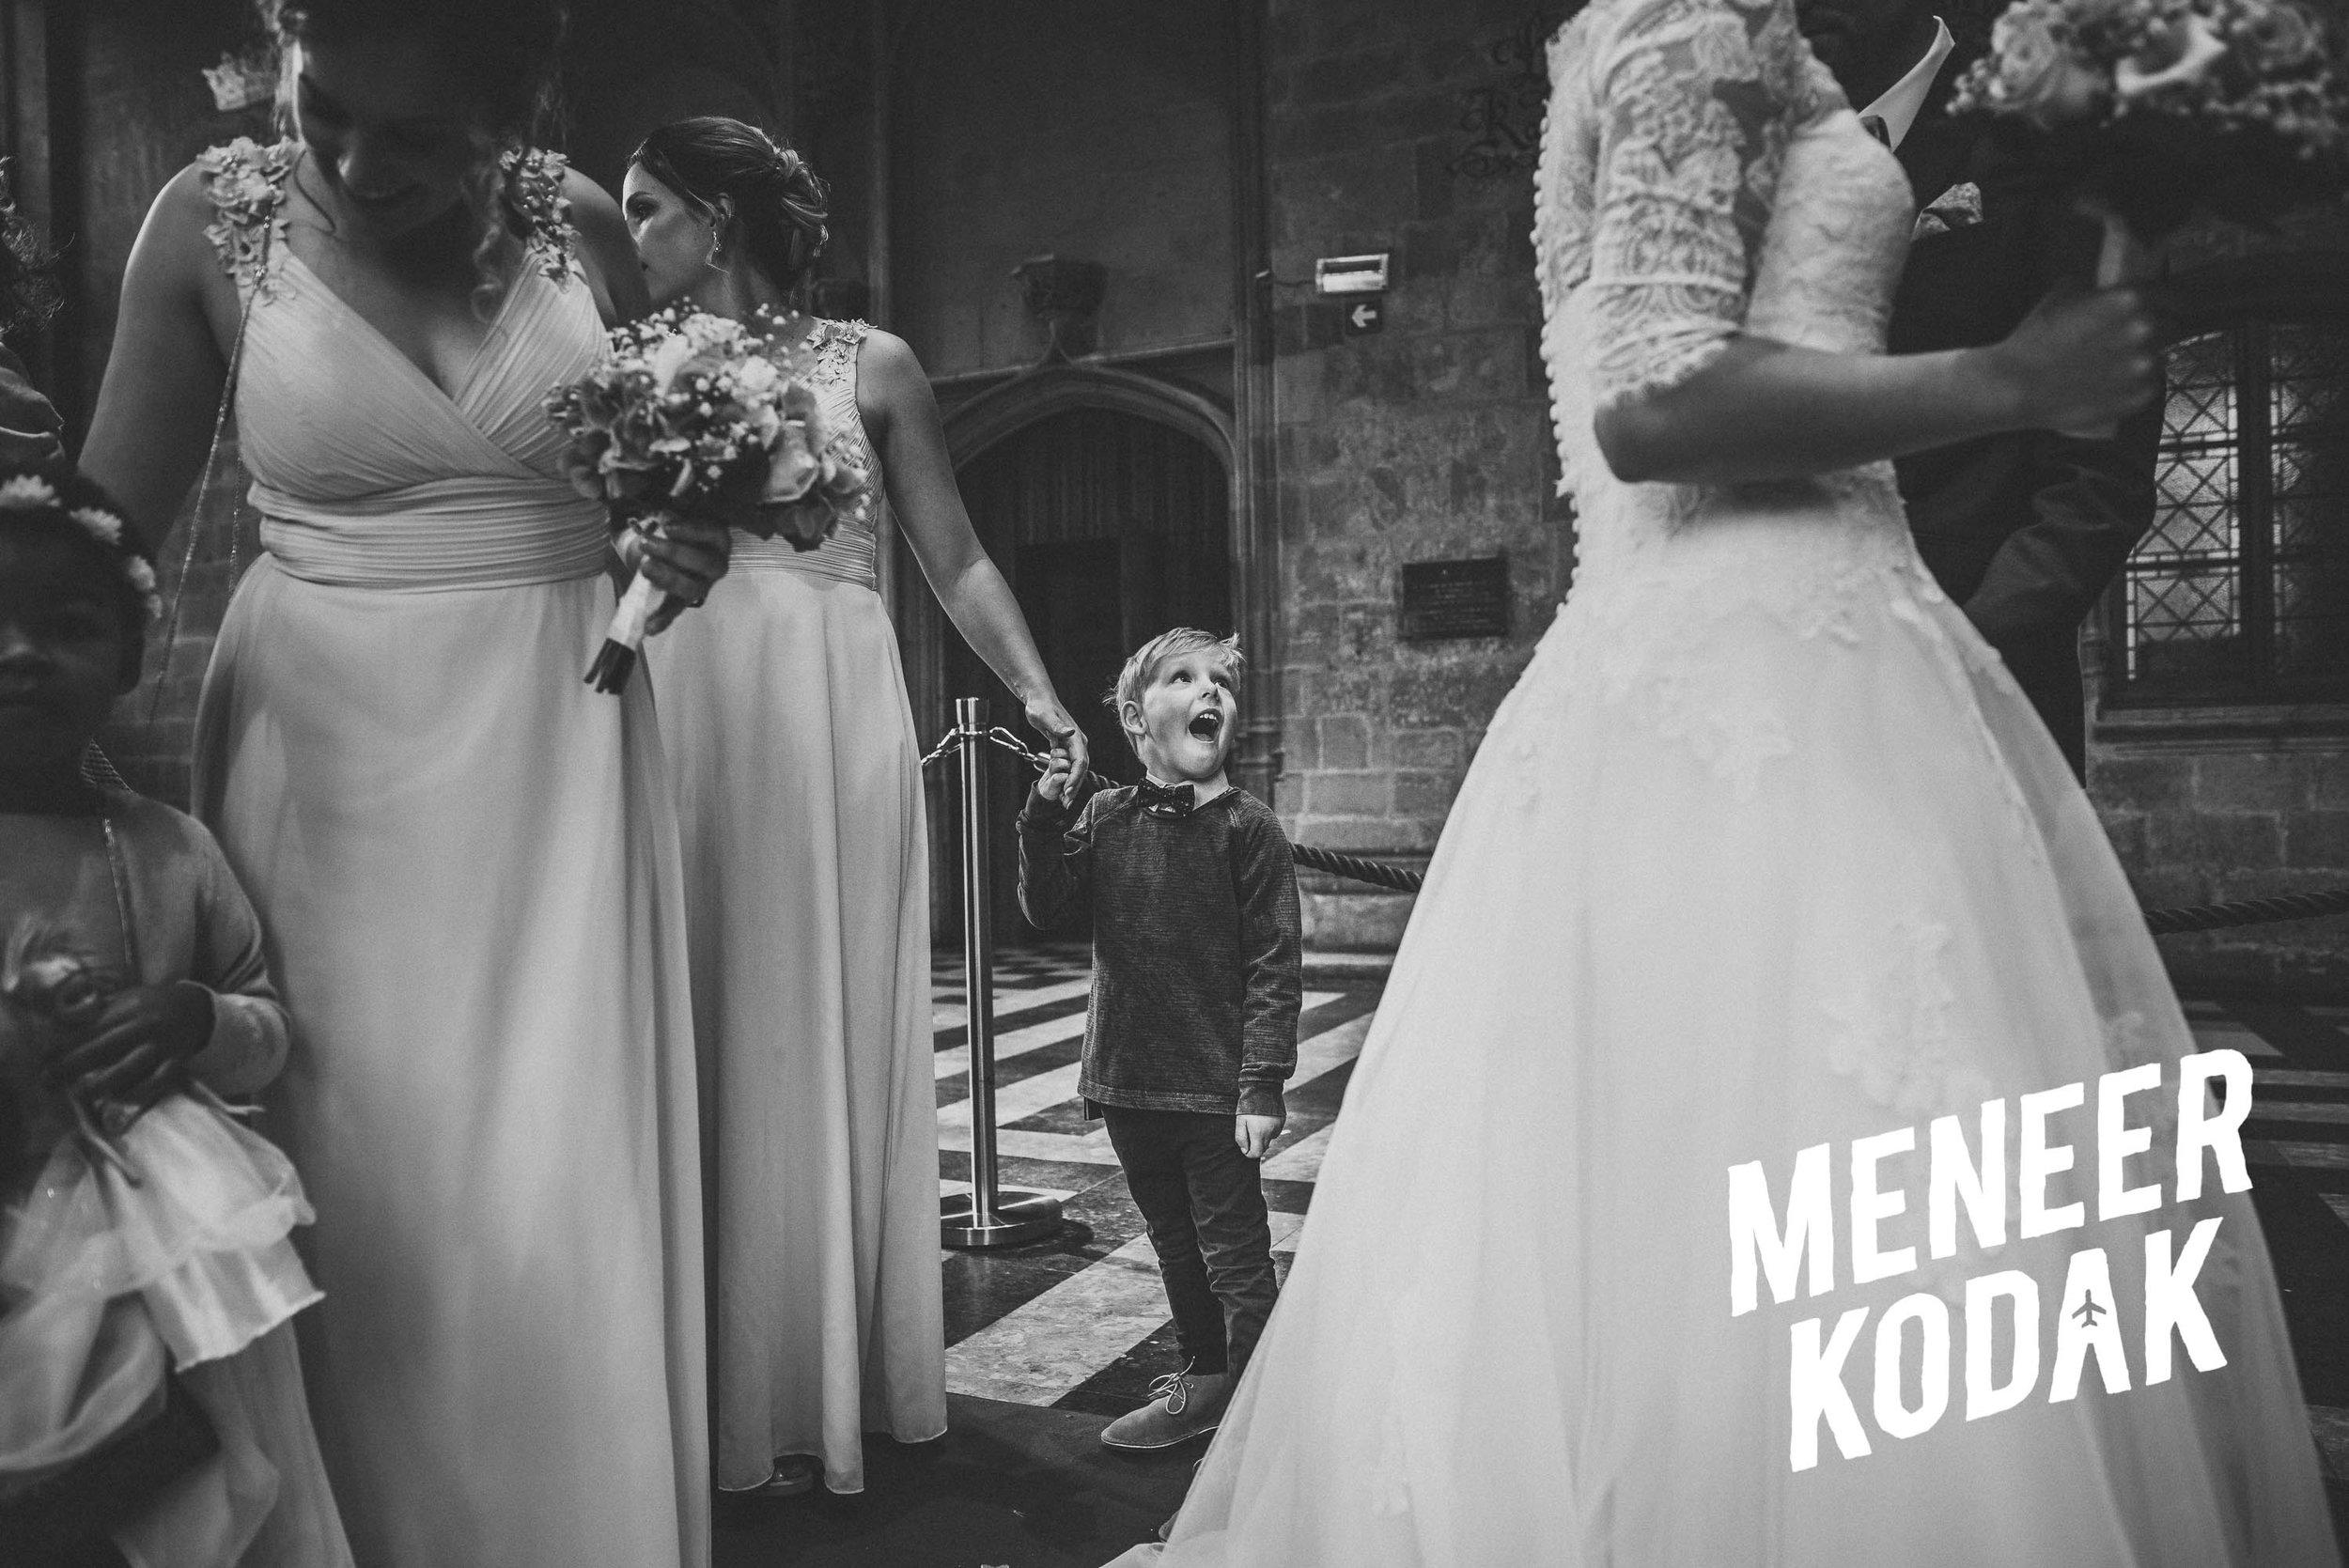 Meneer Kodak - Trouwfotograaf - Gent - D&T-024.jpg